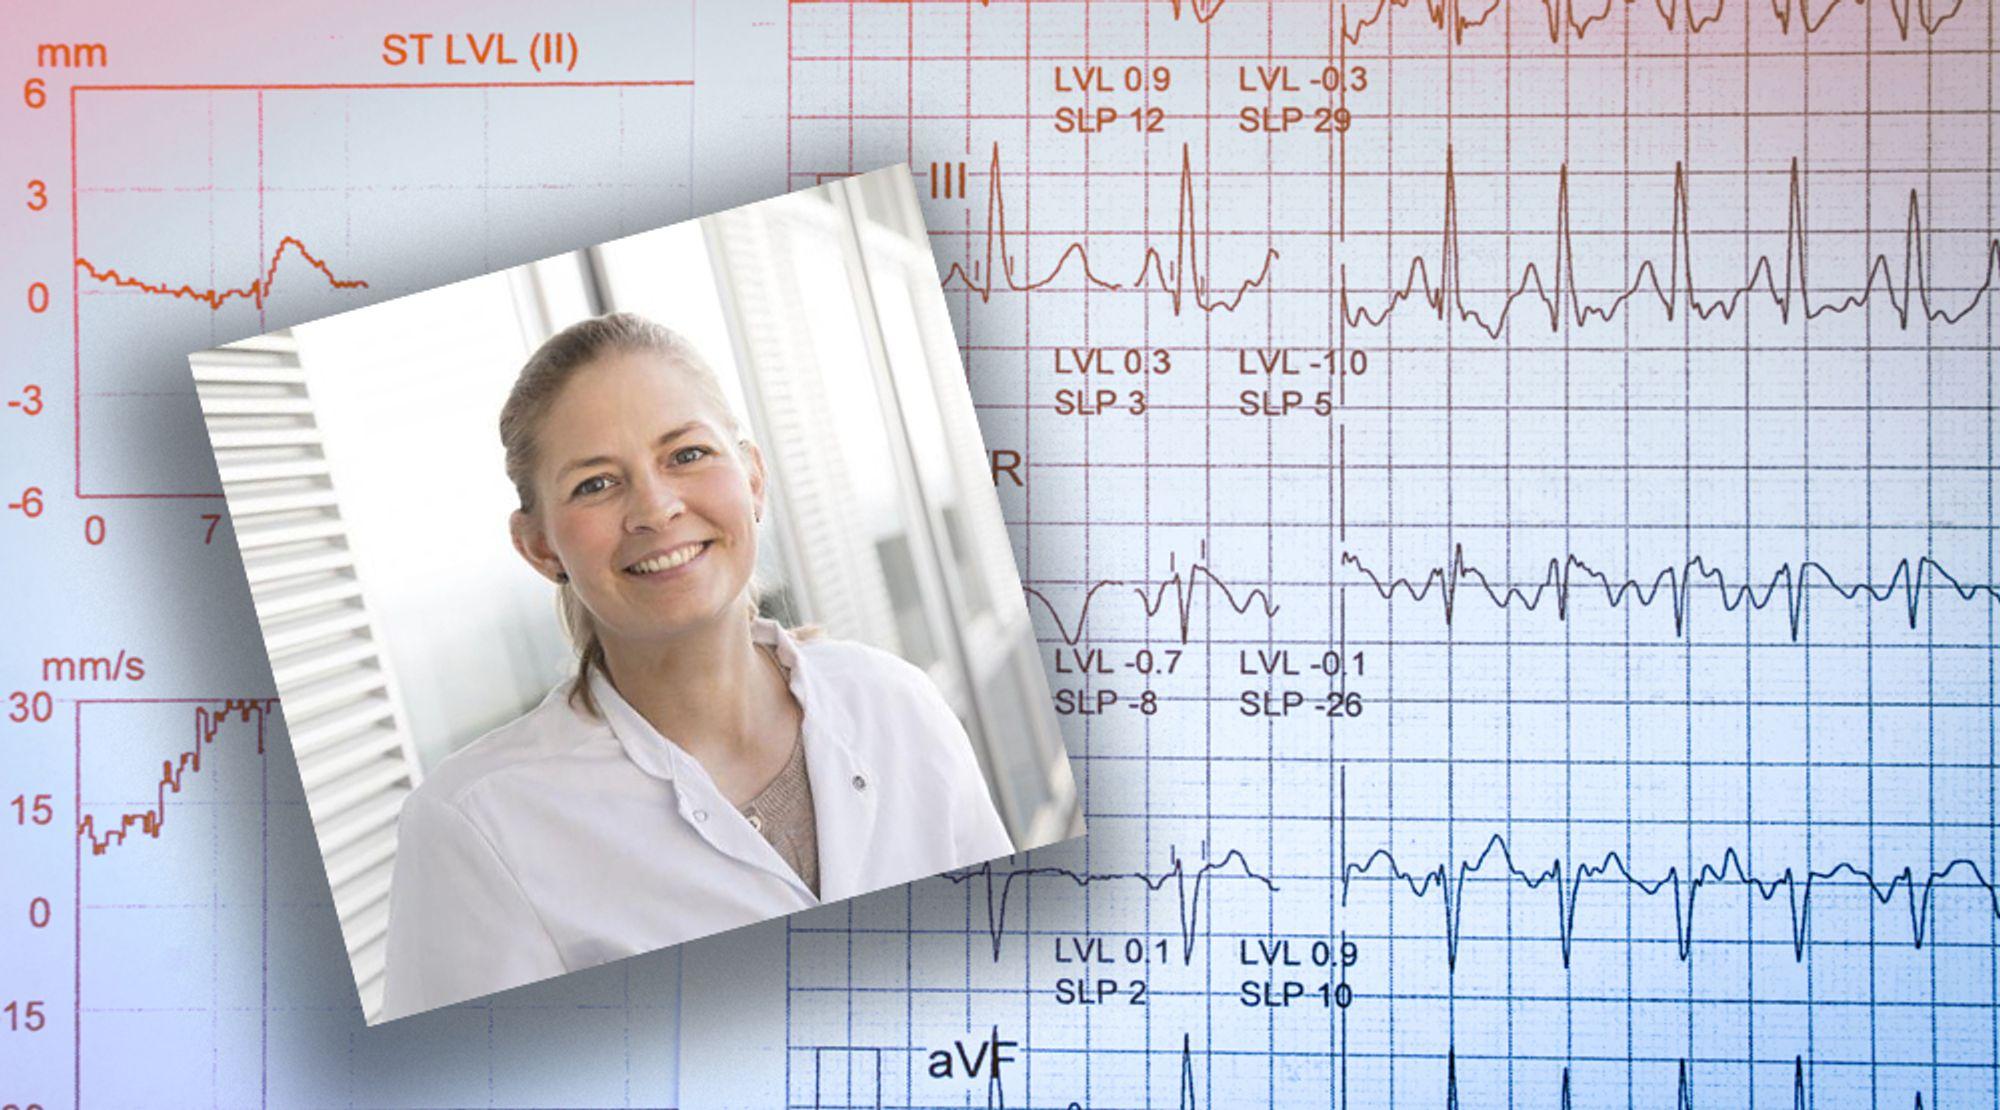 Lege og ph.d. Michala Herskind Sejr har undersøkt om loop recorders egner seg som diagnostisk verktøy i forbindelse med utredning av forkammerflimring. Men utstyret er for følsomt og «finner» derfor feilaktig for mange pasienter med forkammerflimring.